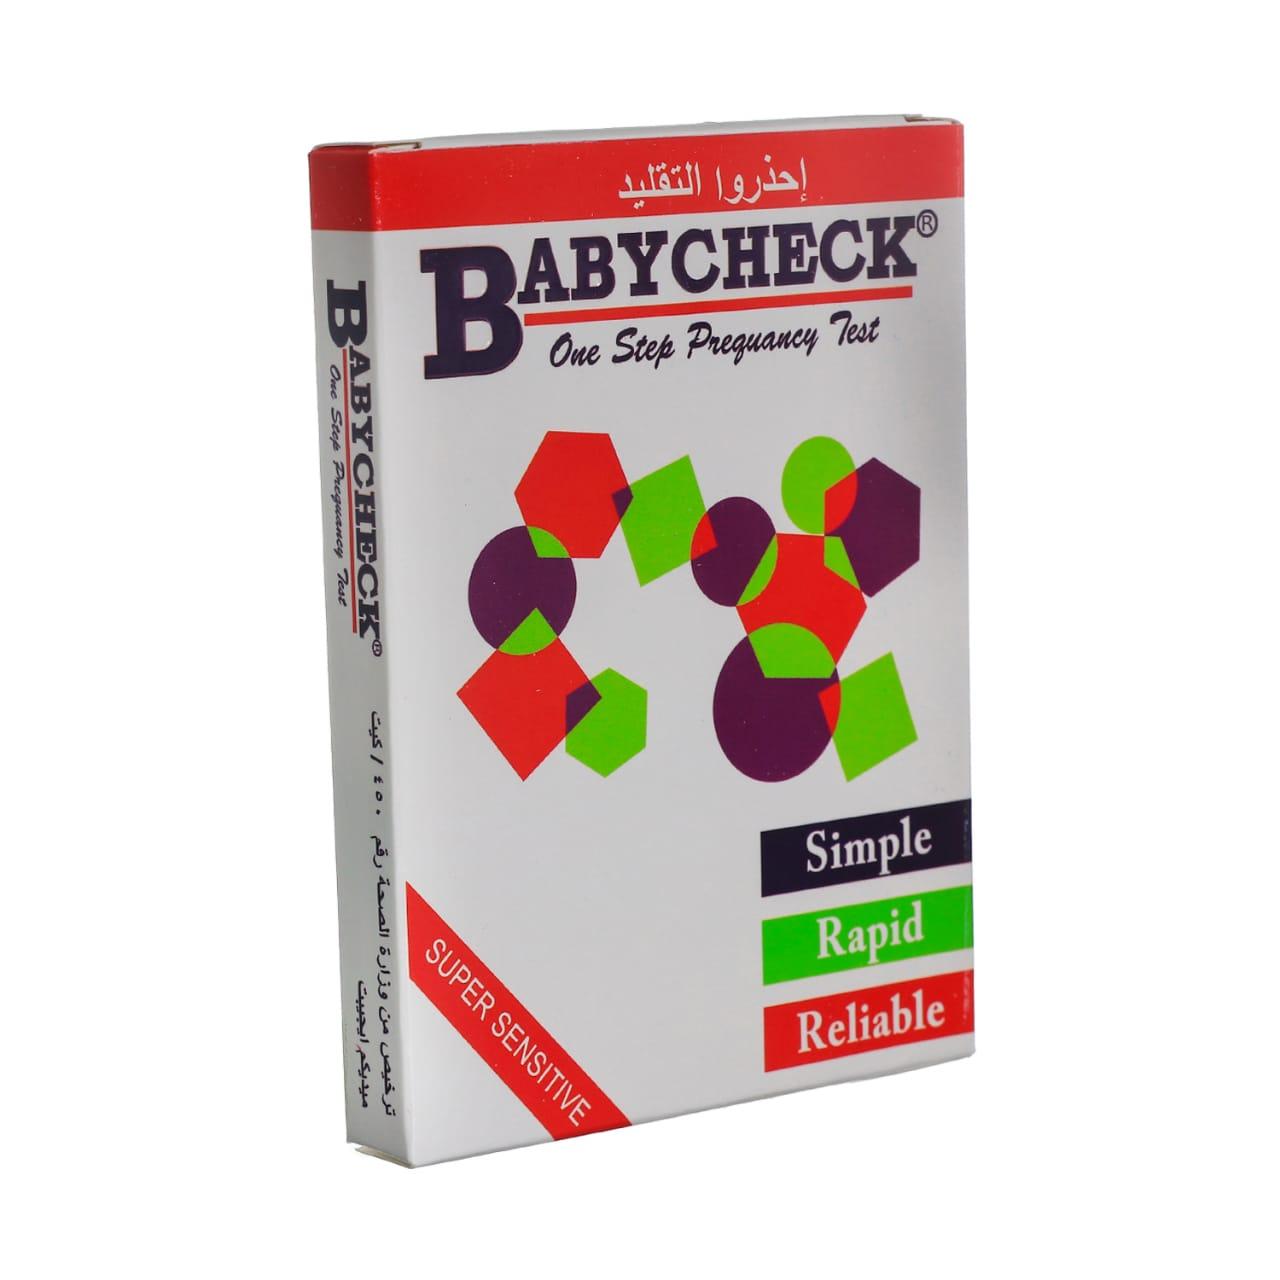 BABYCHECK pregnancy test